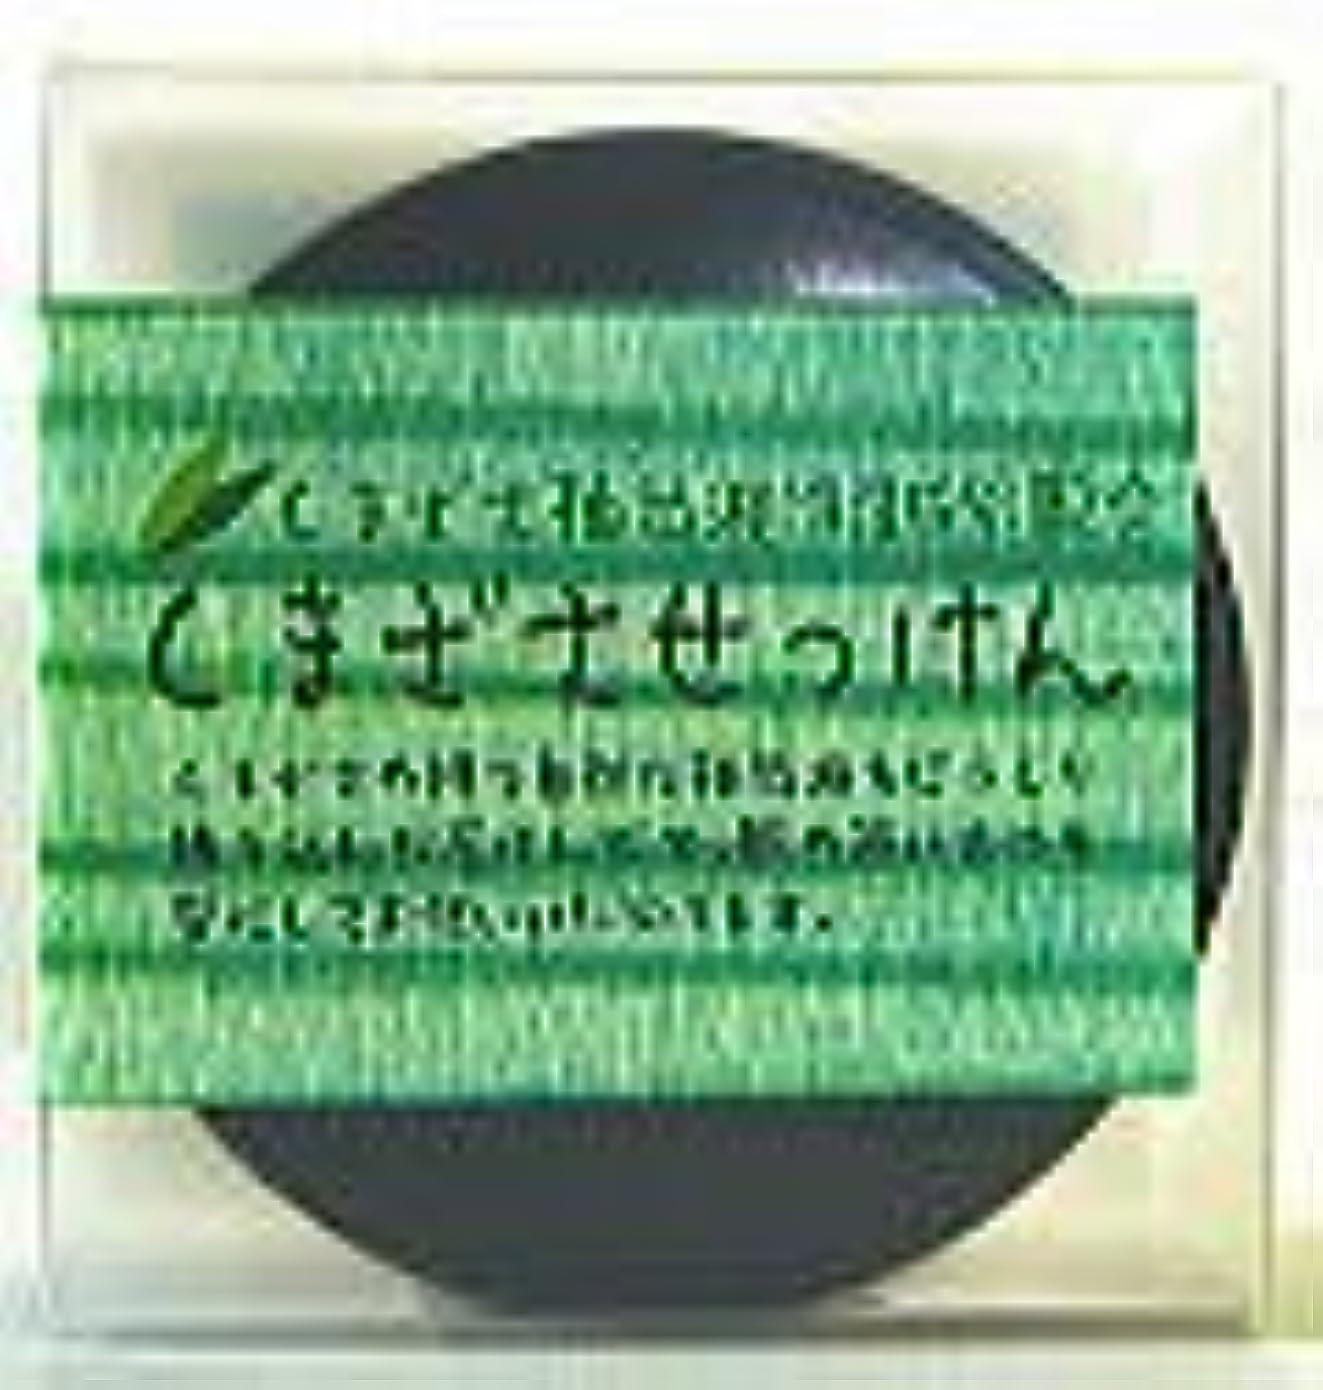 アレルギートークンアグネスグレイサンクロン クマザサ石鹸 100g×3